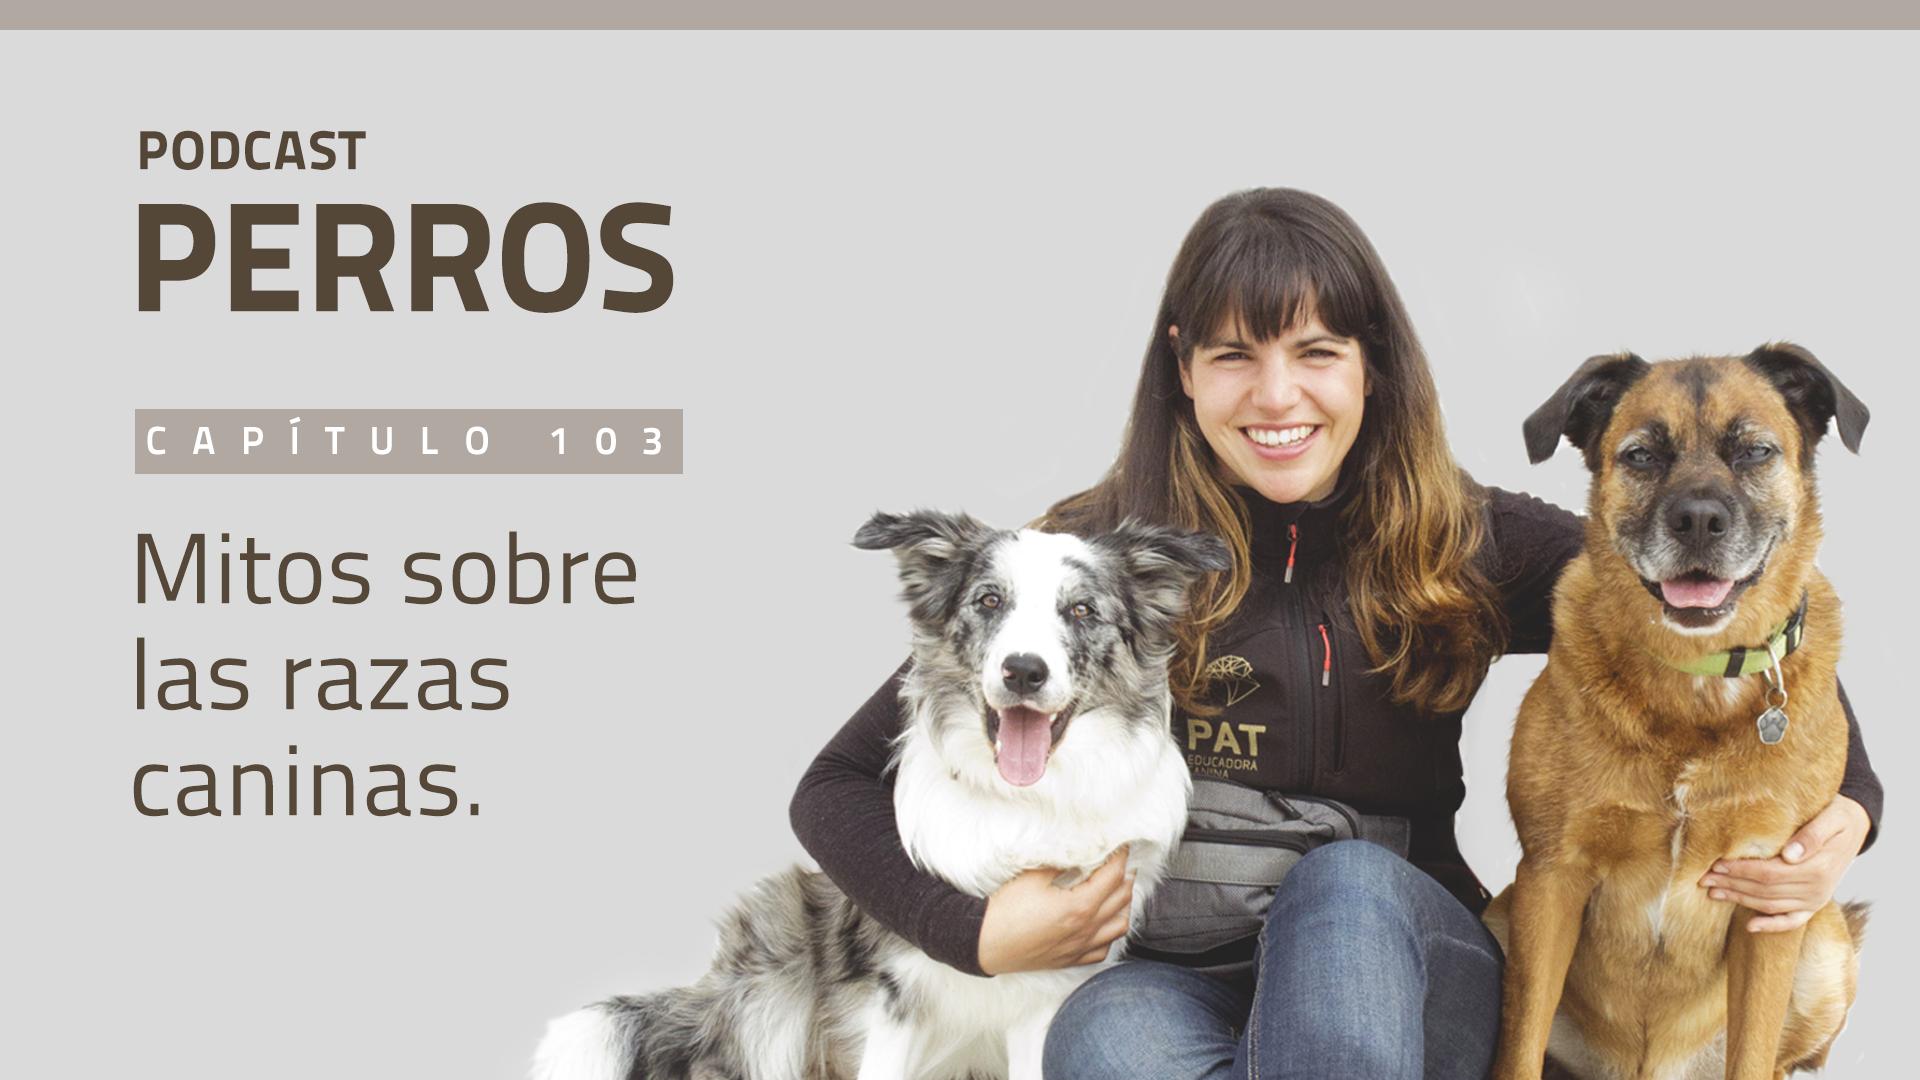 [PODCASTperros] Capítulo 103. Mitos sobre las razas caninas